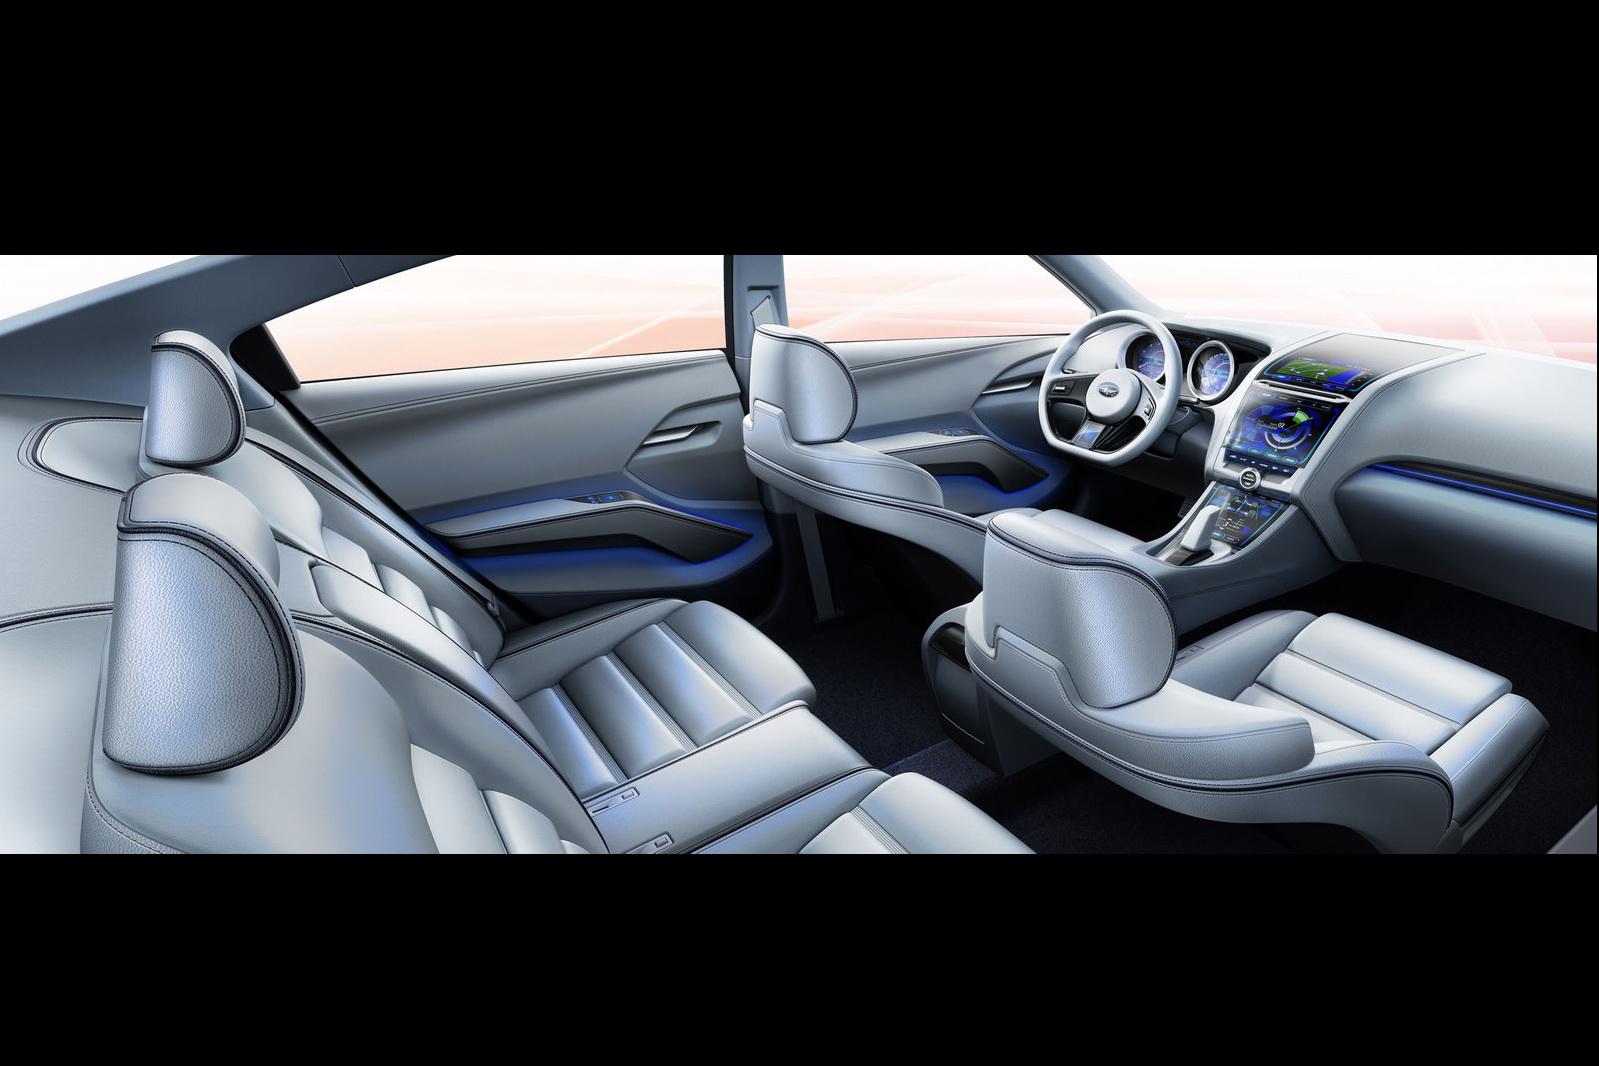 designer car interior - photo #34